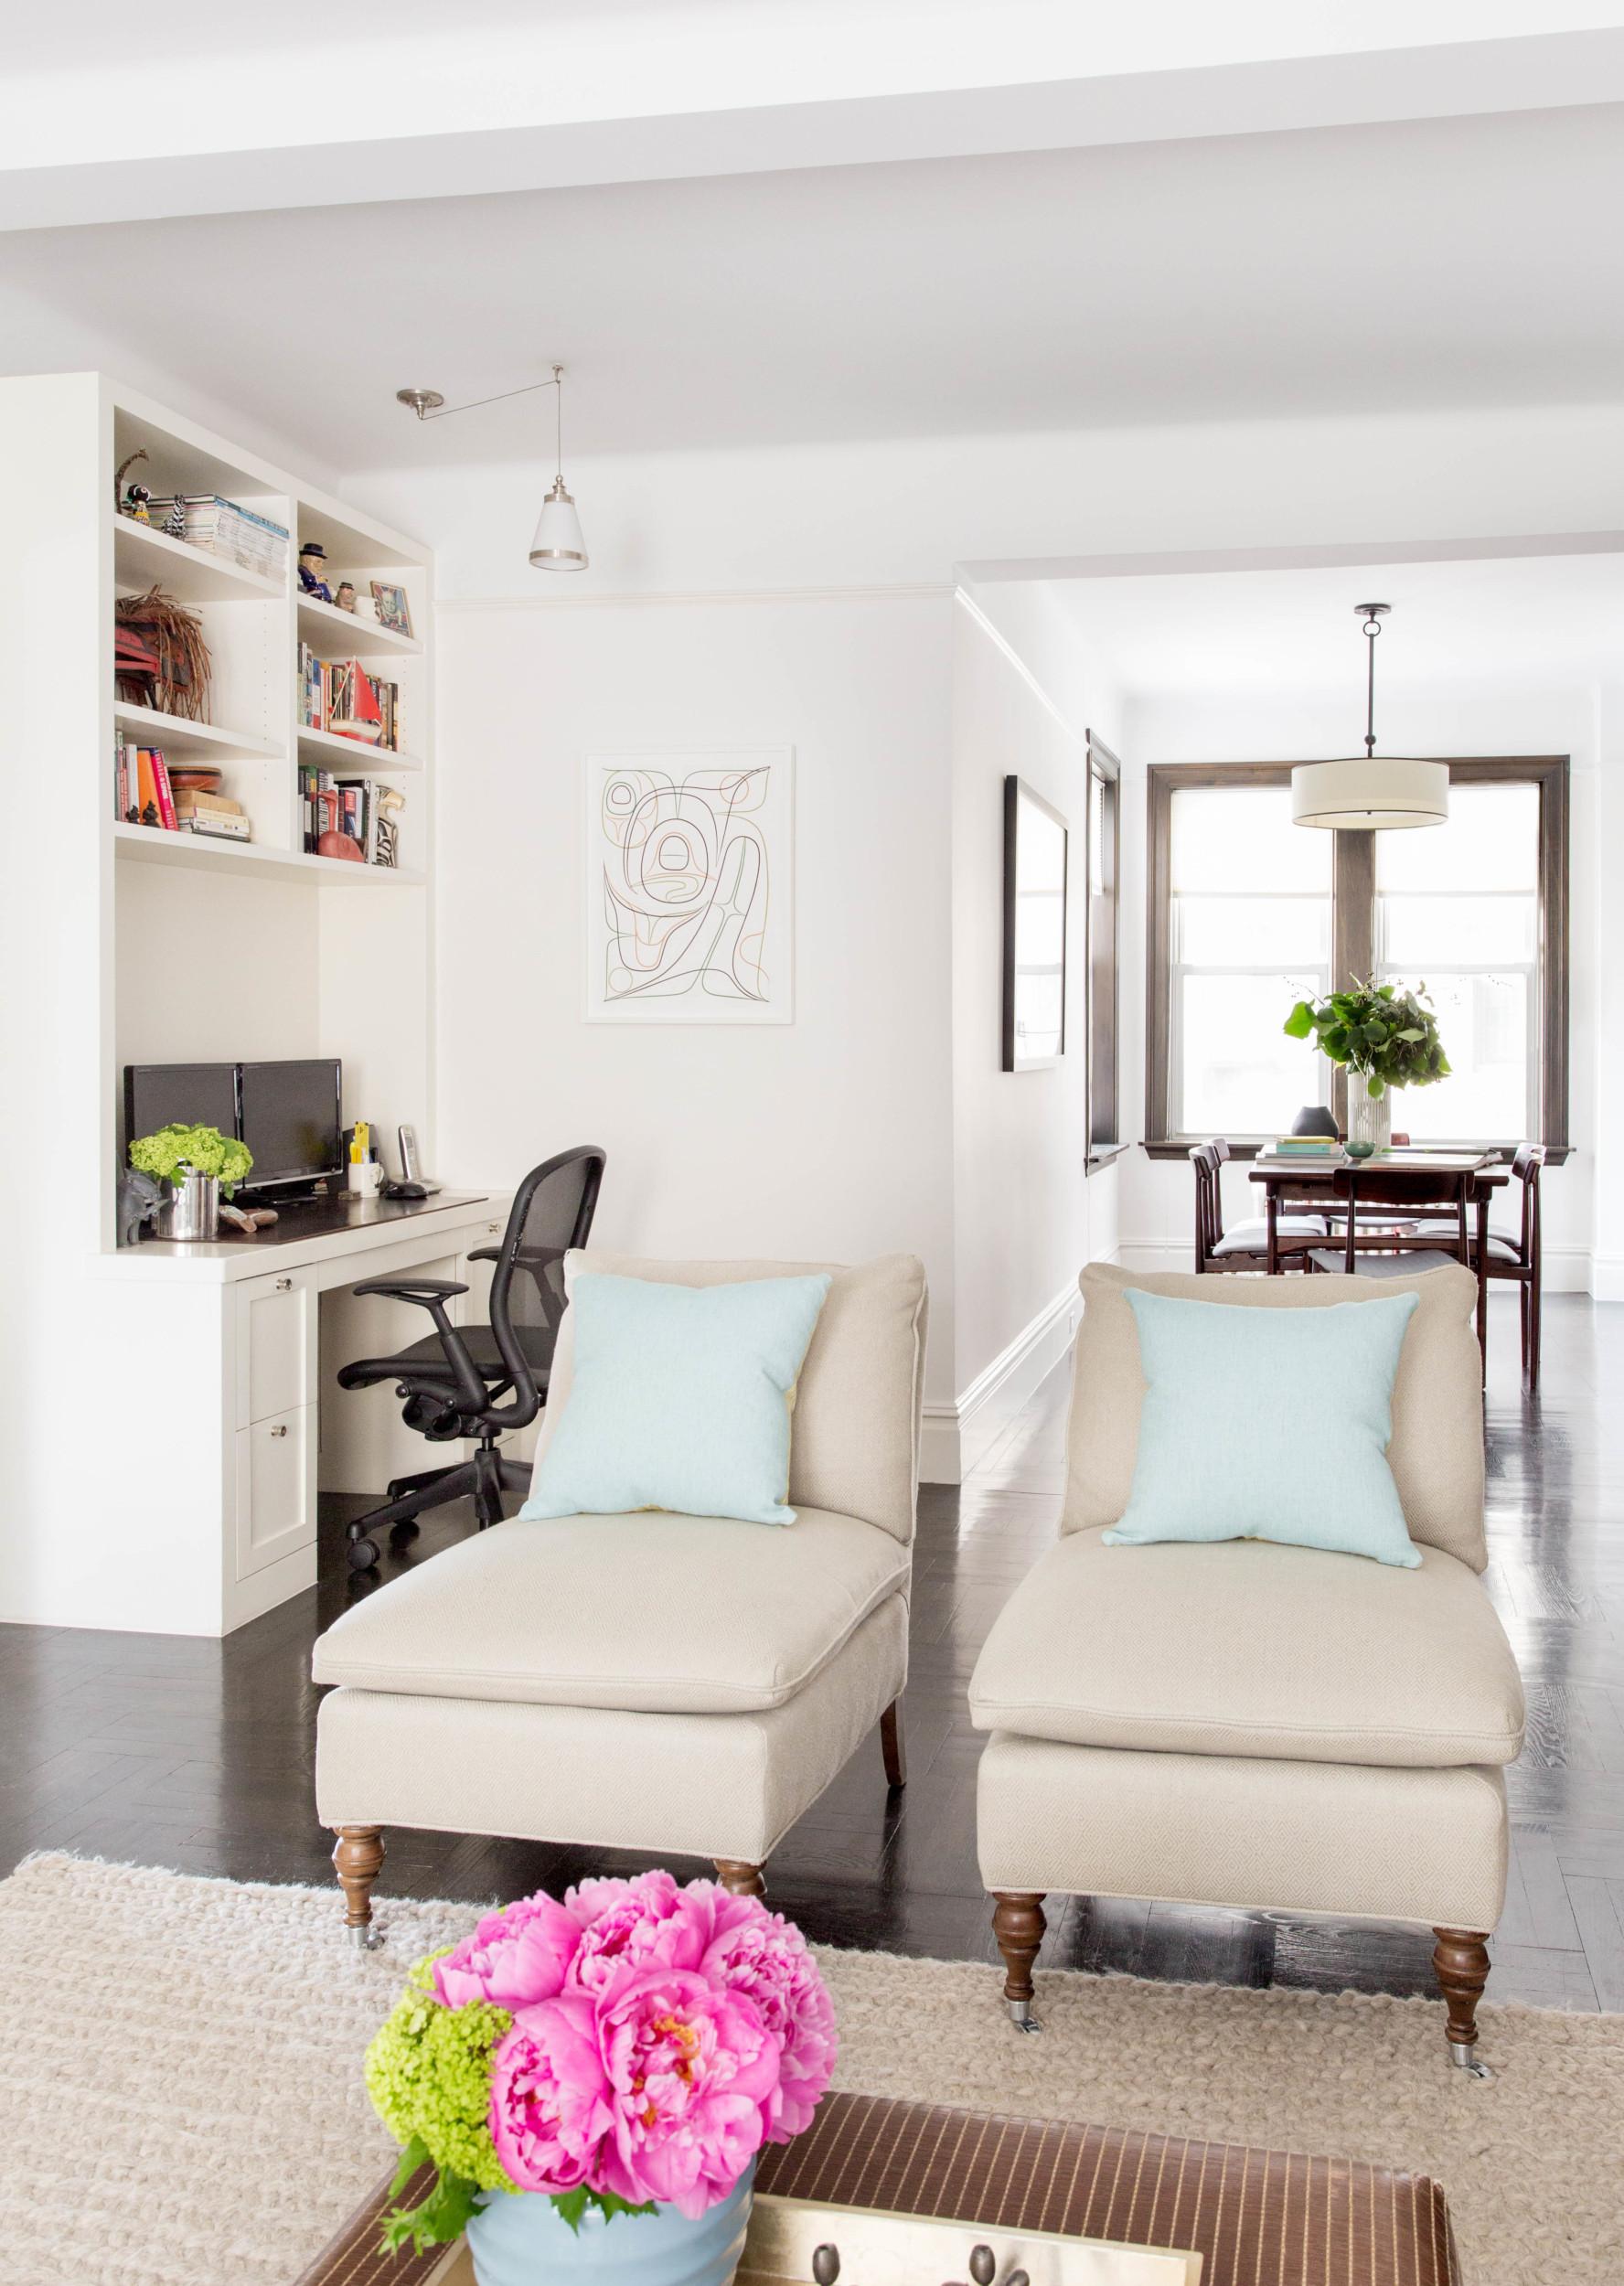 Interior decorators Connecticut Room Designers CT Caroline Kopp.jpg